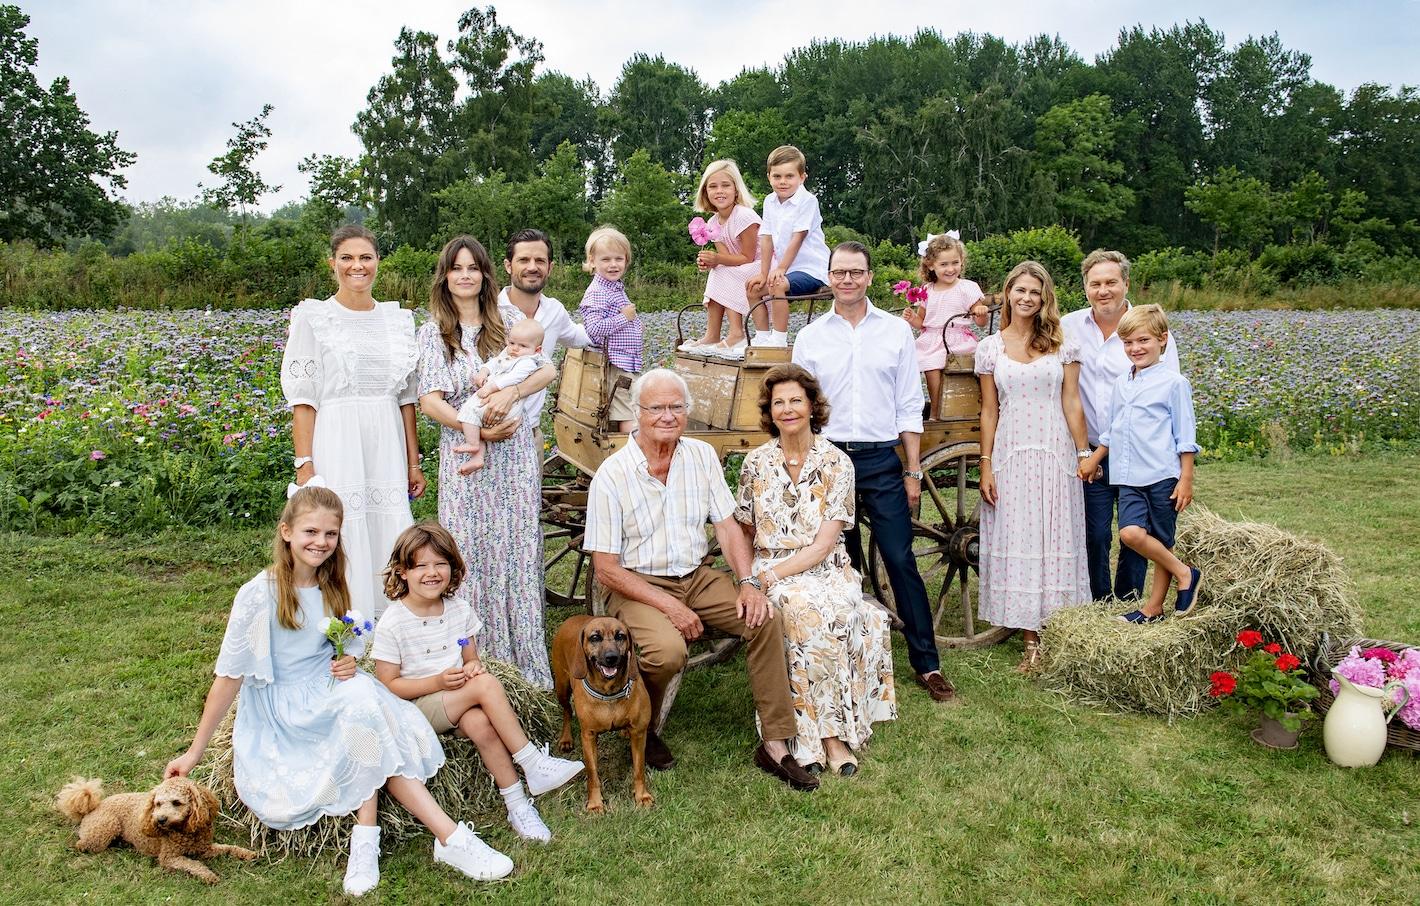 Schwedische Royals: Die Entscheidung ist gefallen